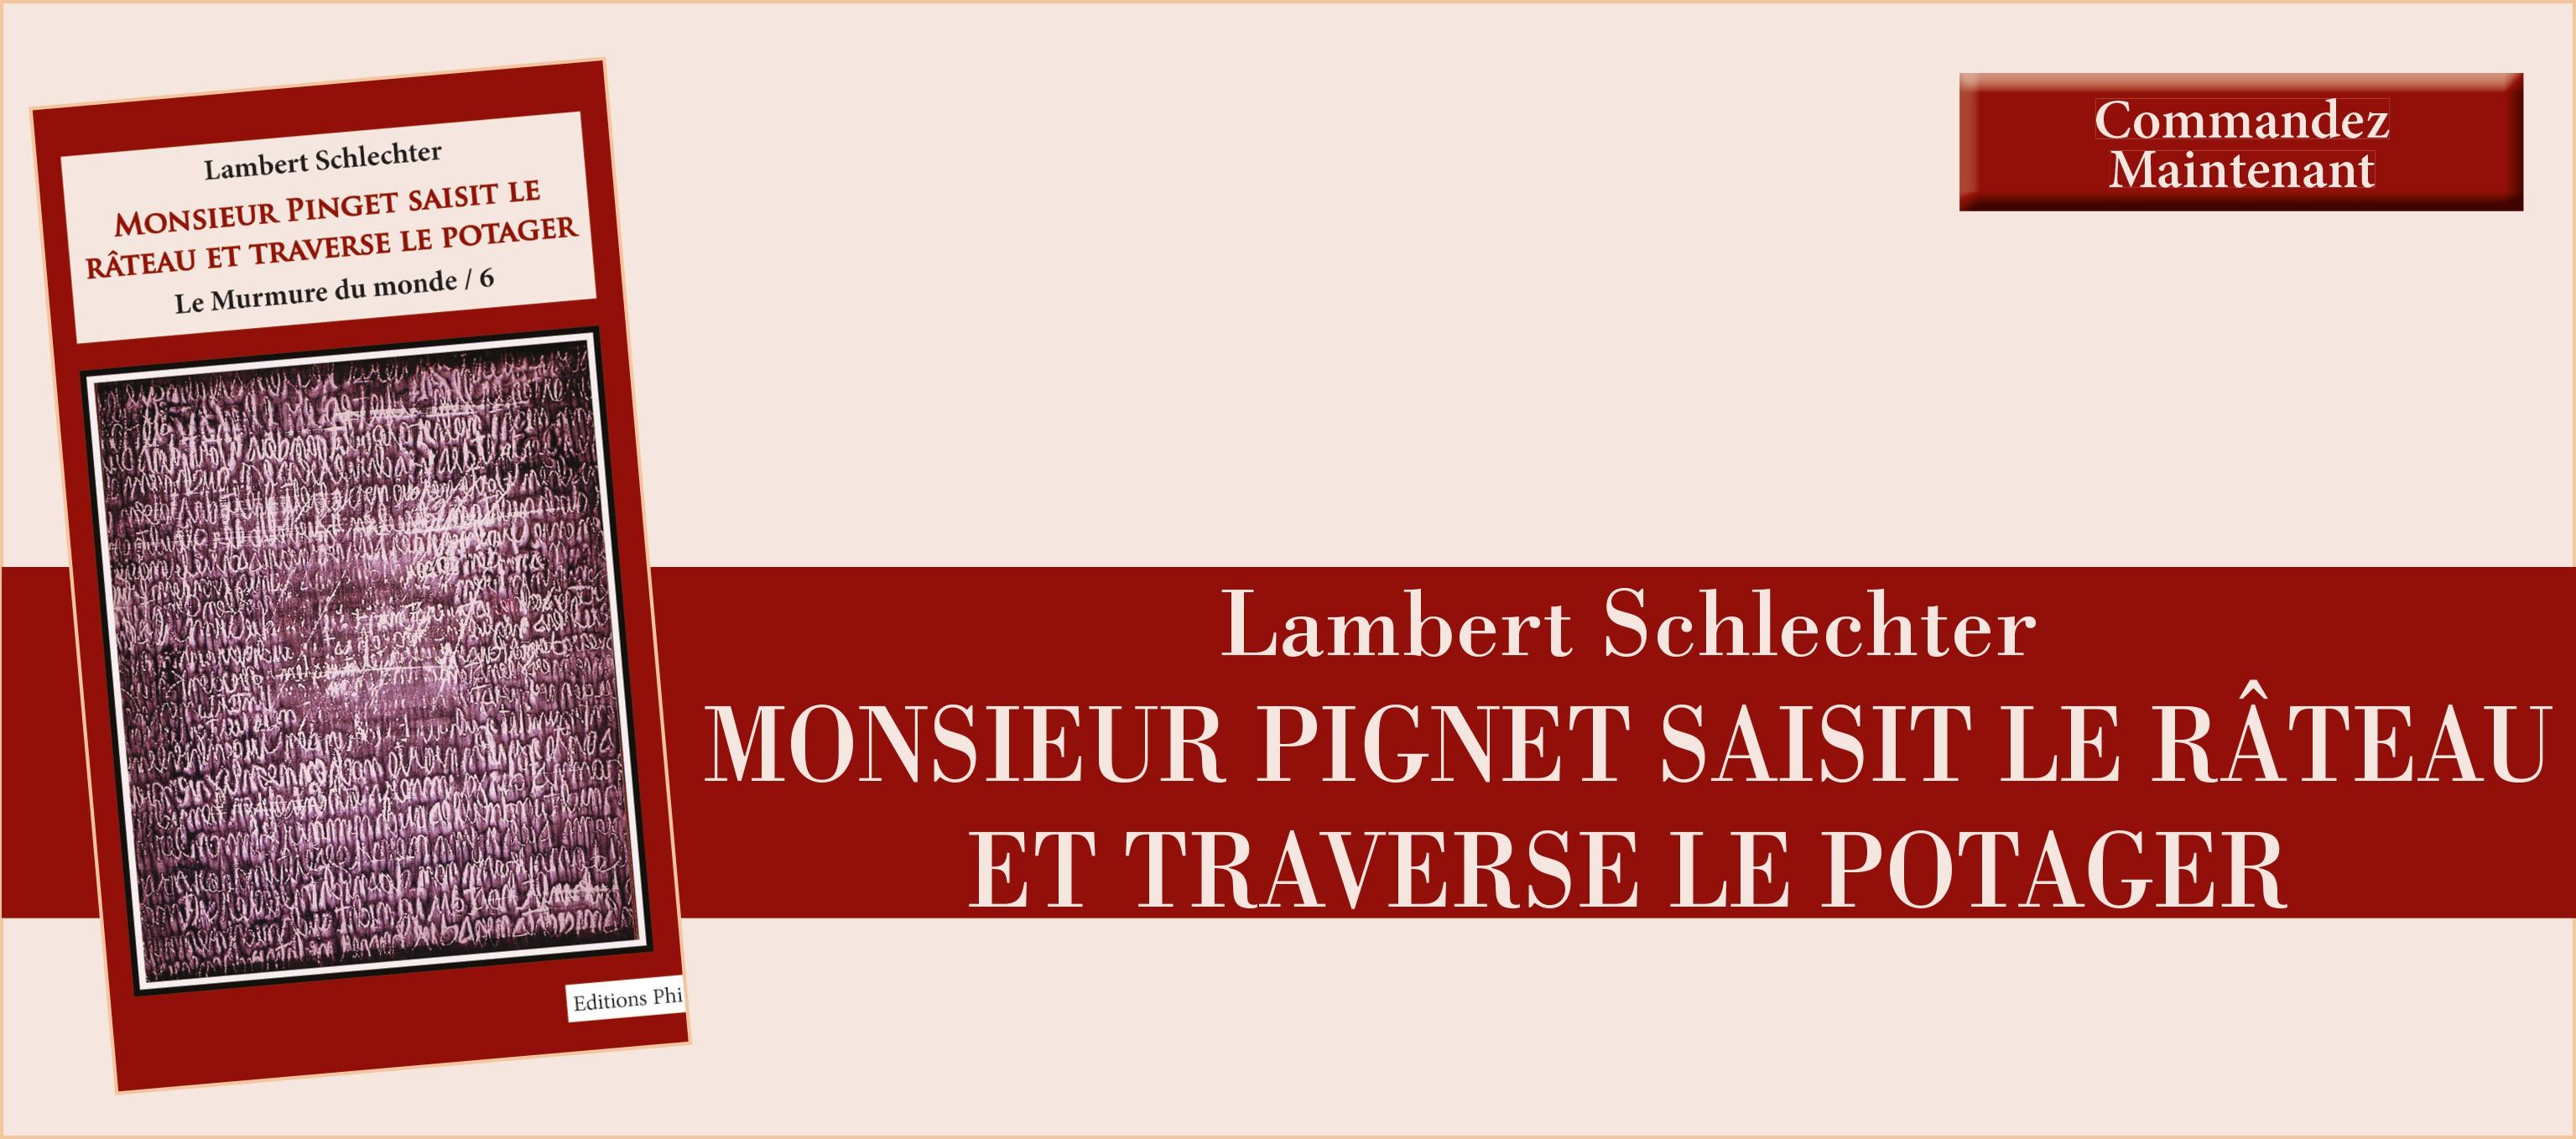 Lambert Schlechter - Monsieur Pinget saisit le râteau et traverse le potager